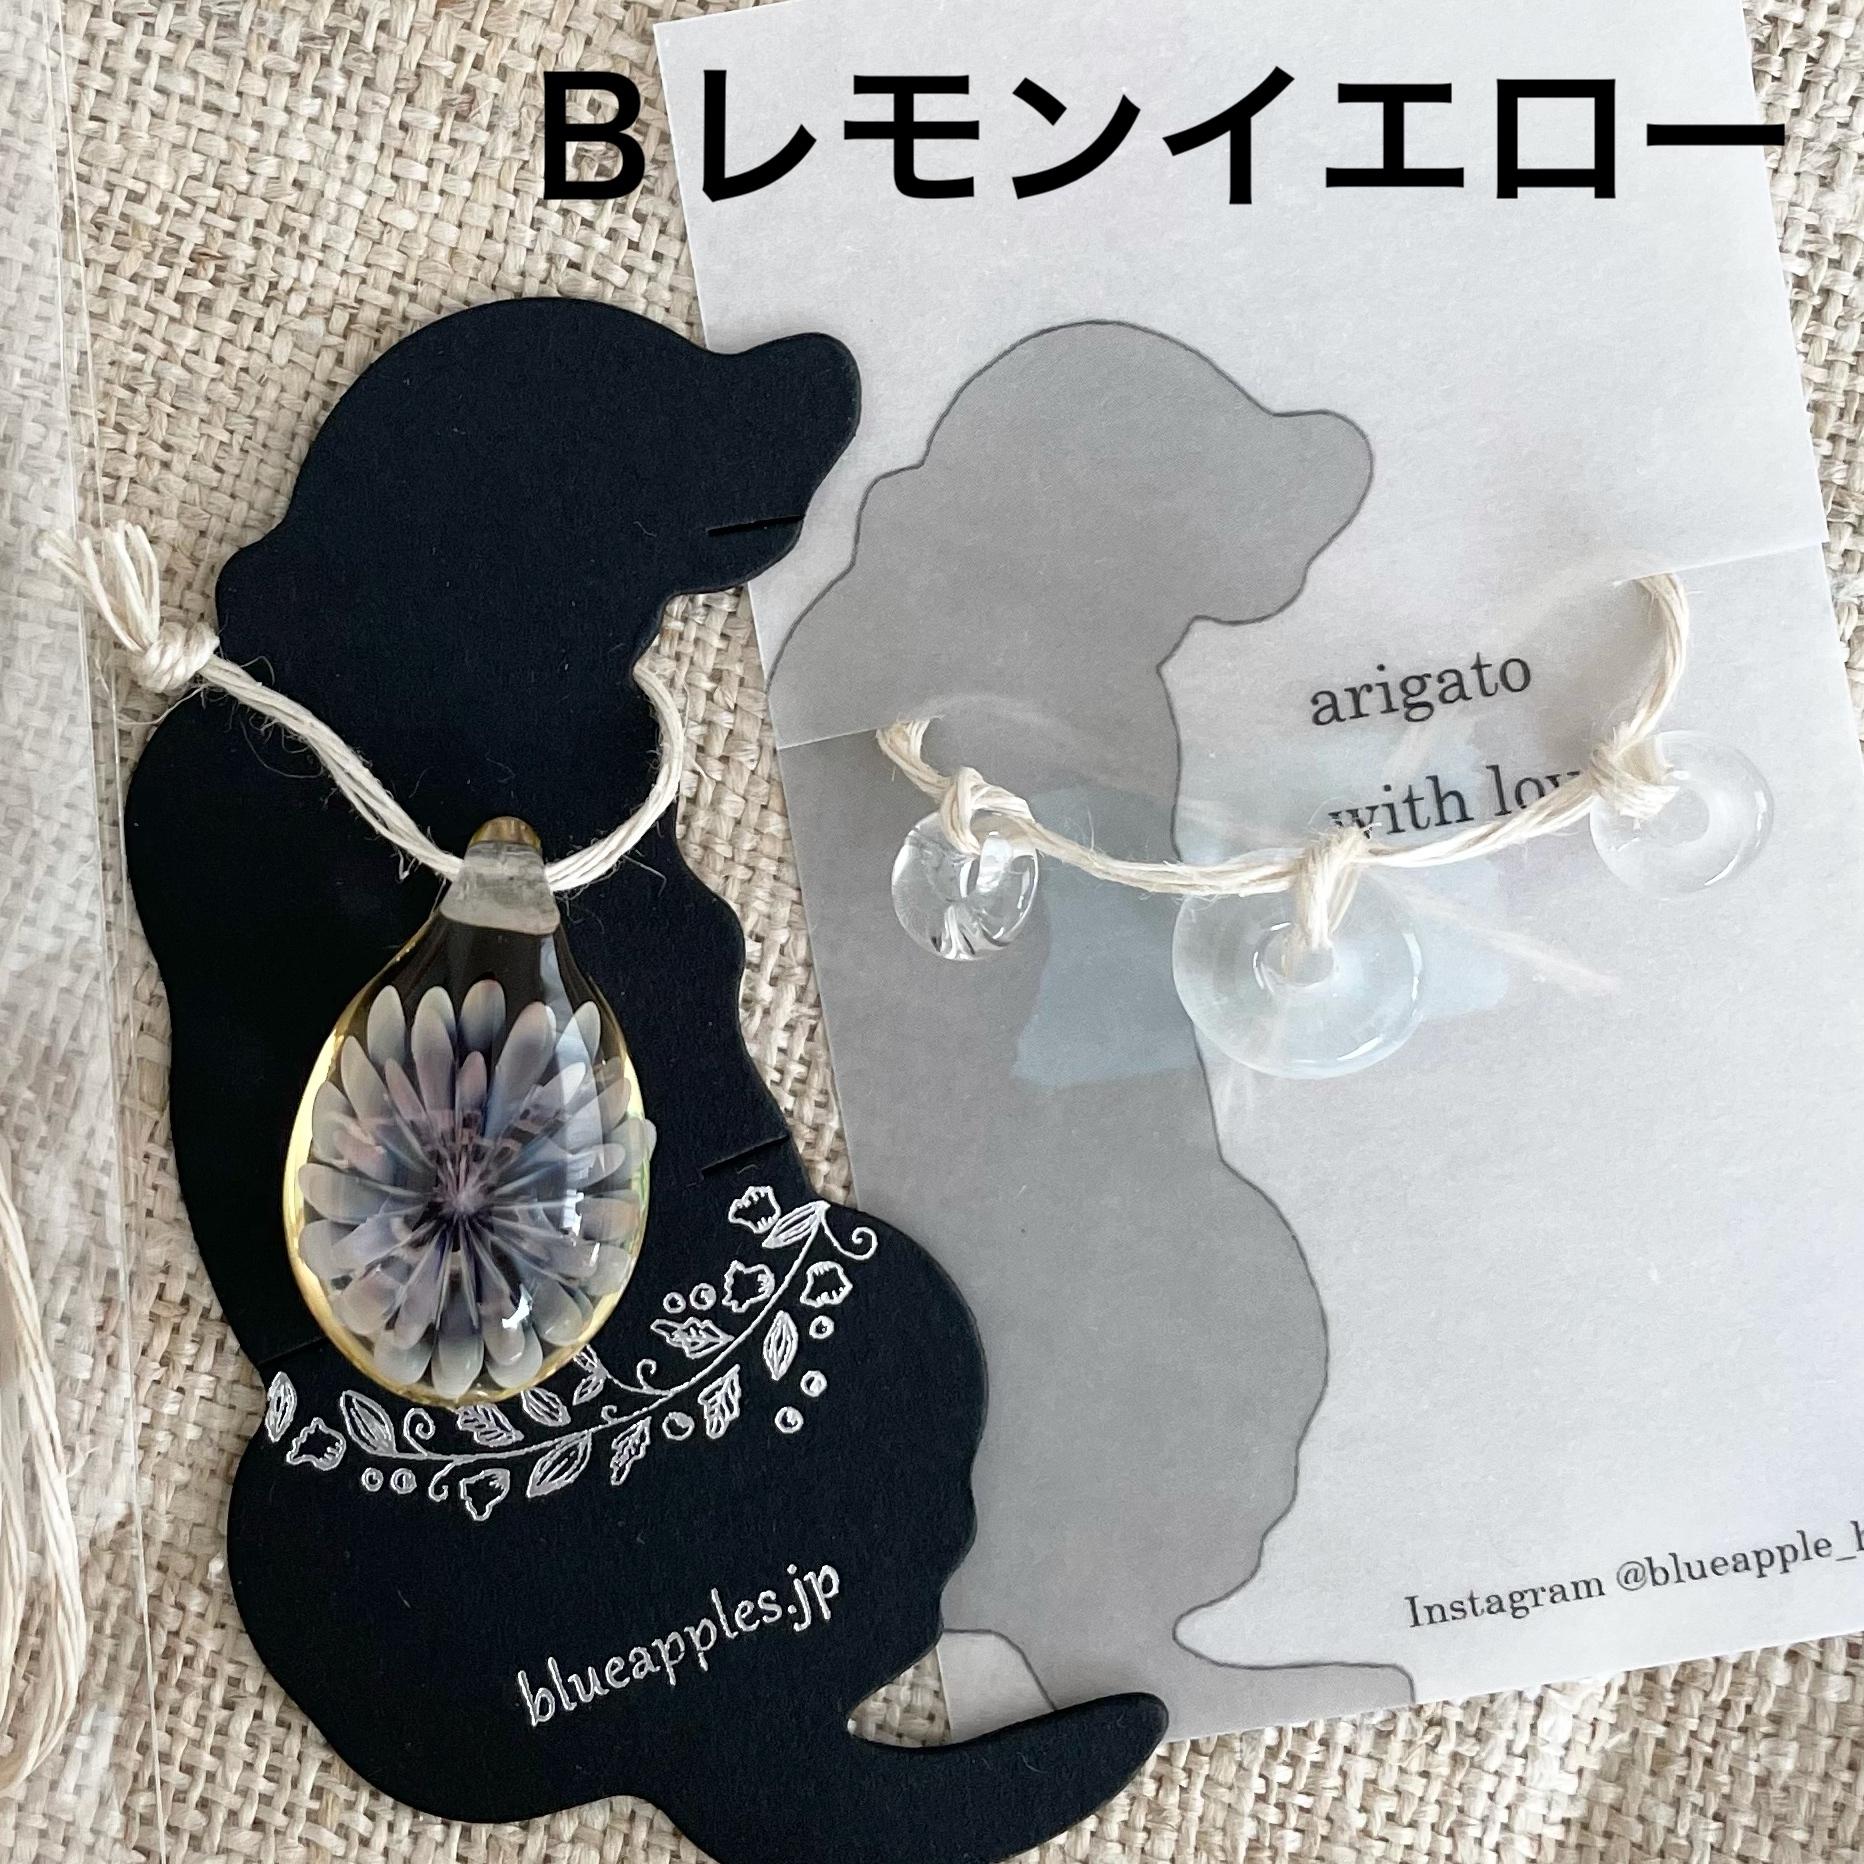 【お得なセット】ガラスペンダント+ビーズ付き☆ネックレスとアンクレットが作れるセット Bレモンイエロー(レターパックライトで発送可能)